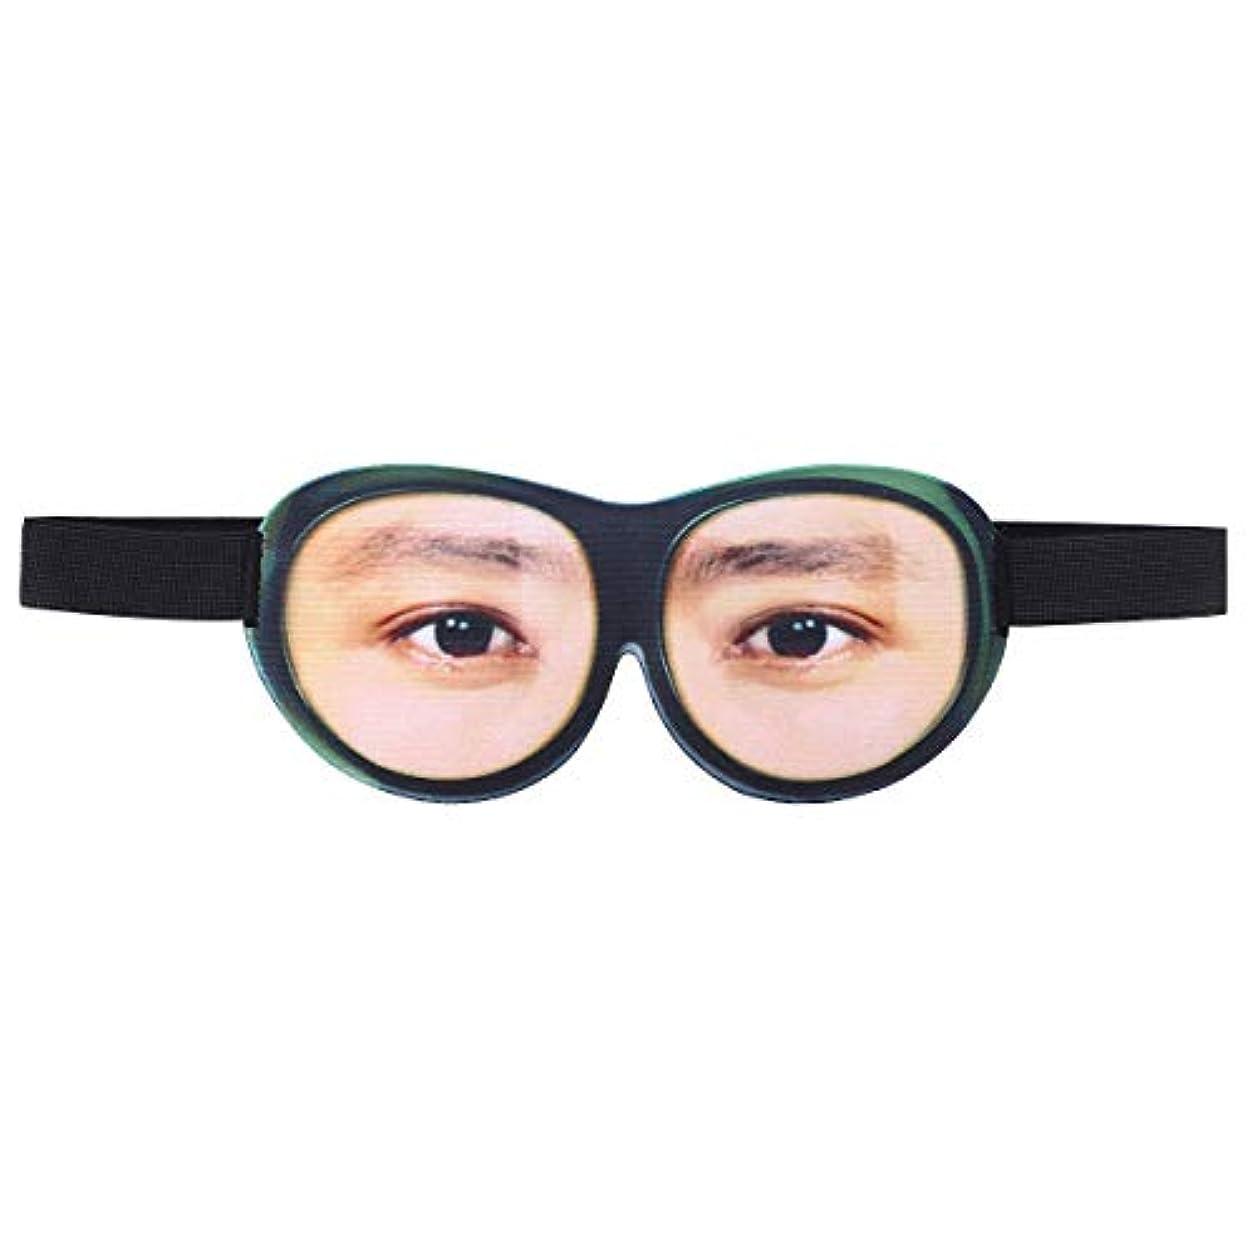 遮る豊富に予測するSUPVOX 男性と女性のための3D面白い睡眠マスク通気性目隠しアイマスク旅行睡眠マスク